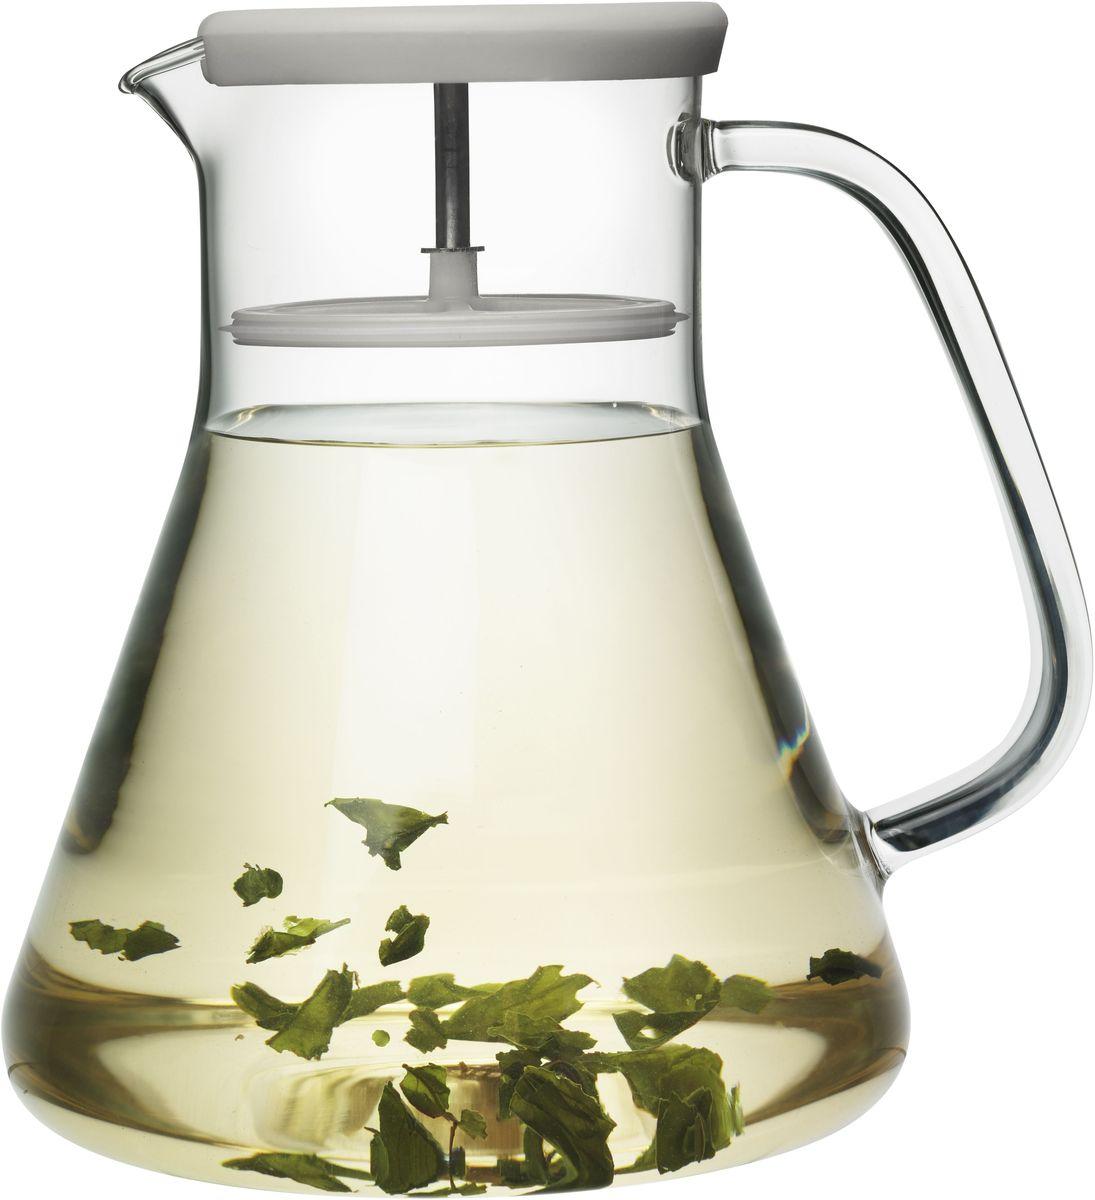 Чайник заварочный QDO Dancing Leaf, цвет: зеленый567366Универсальный стеклянный кувшин с встроенным фильтром. Идеален для подачи холодных лимонадов, ягодных морсов, чая и других подобных напитков. Благодаря фильтру кусочки льда, фруктов, ягод, мяты и чайных листьев не попадут в чашку. Кроме того, кувшин изготовлен из термоустойчивого боросиликатного стекла, что позволяет заваривать чай прямо внутри него. Просто поместите в кувшин нужное количество чая, залейте горячей водой и дайте настояться. Фильтр соединен с силиконовой крышкой и легко вынимается при необходимости. Объем кувшина - 1,2 л. Можно мыть в посудомоечной машине.